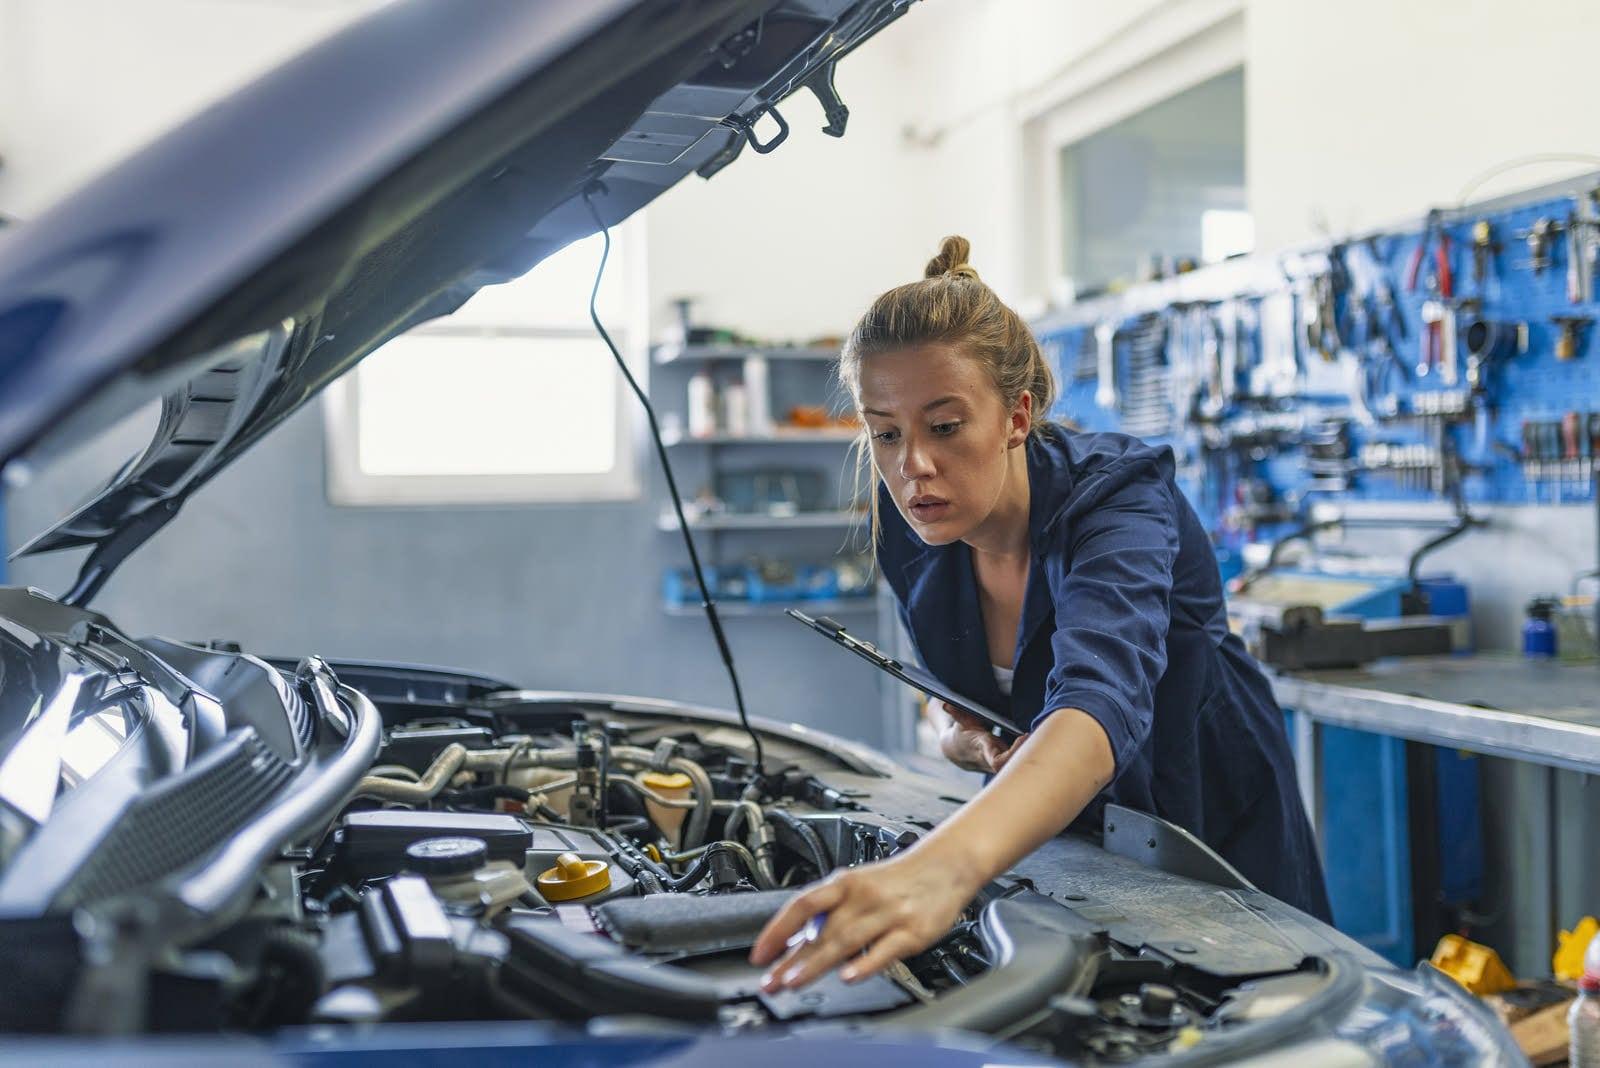 Vous amenez votre auto au garage lorsque vous avez des troubles mécaniques. L' ostéopathe est un professionnel qui s'occupe de faire la mise au point de votre mécanique corporelle.